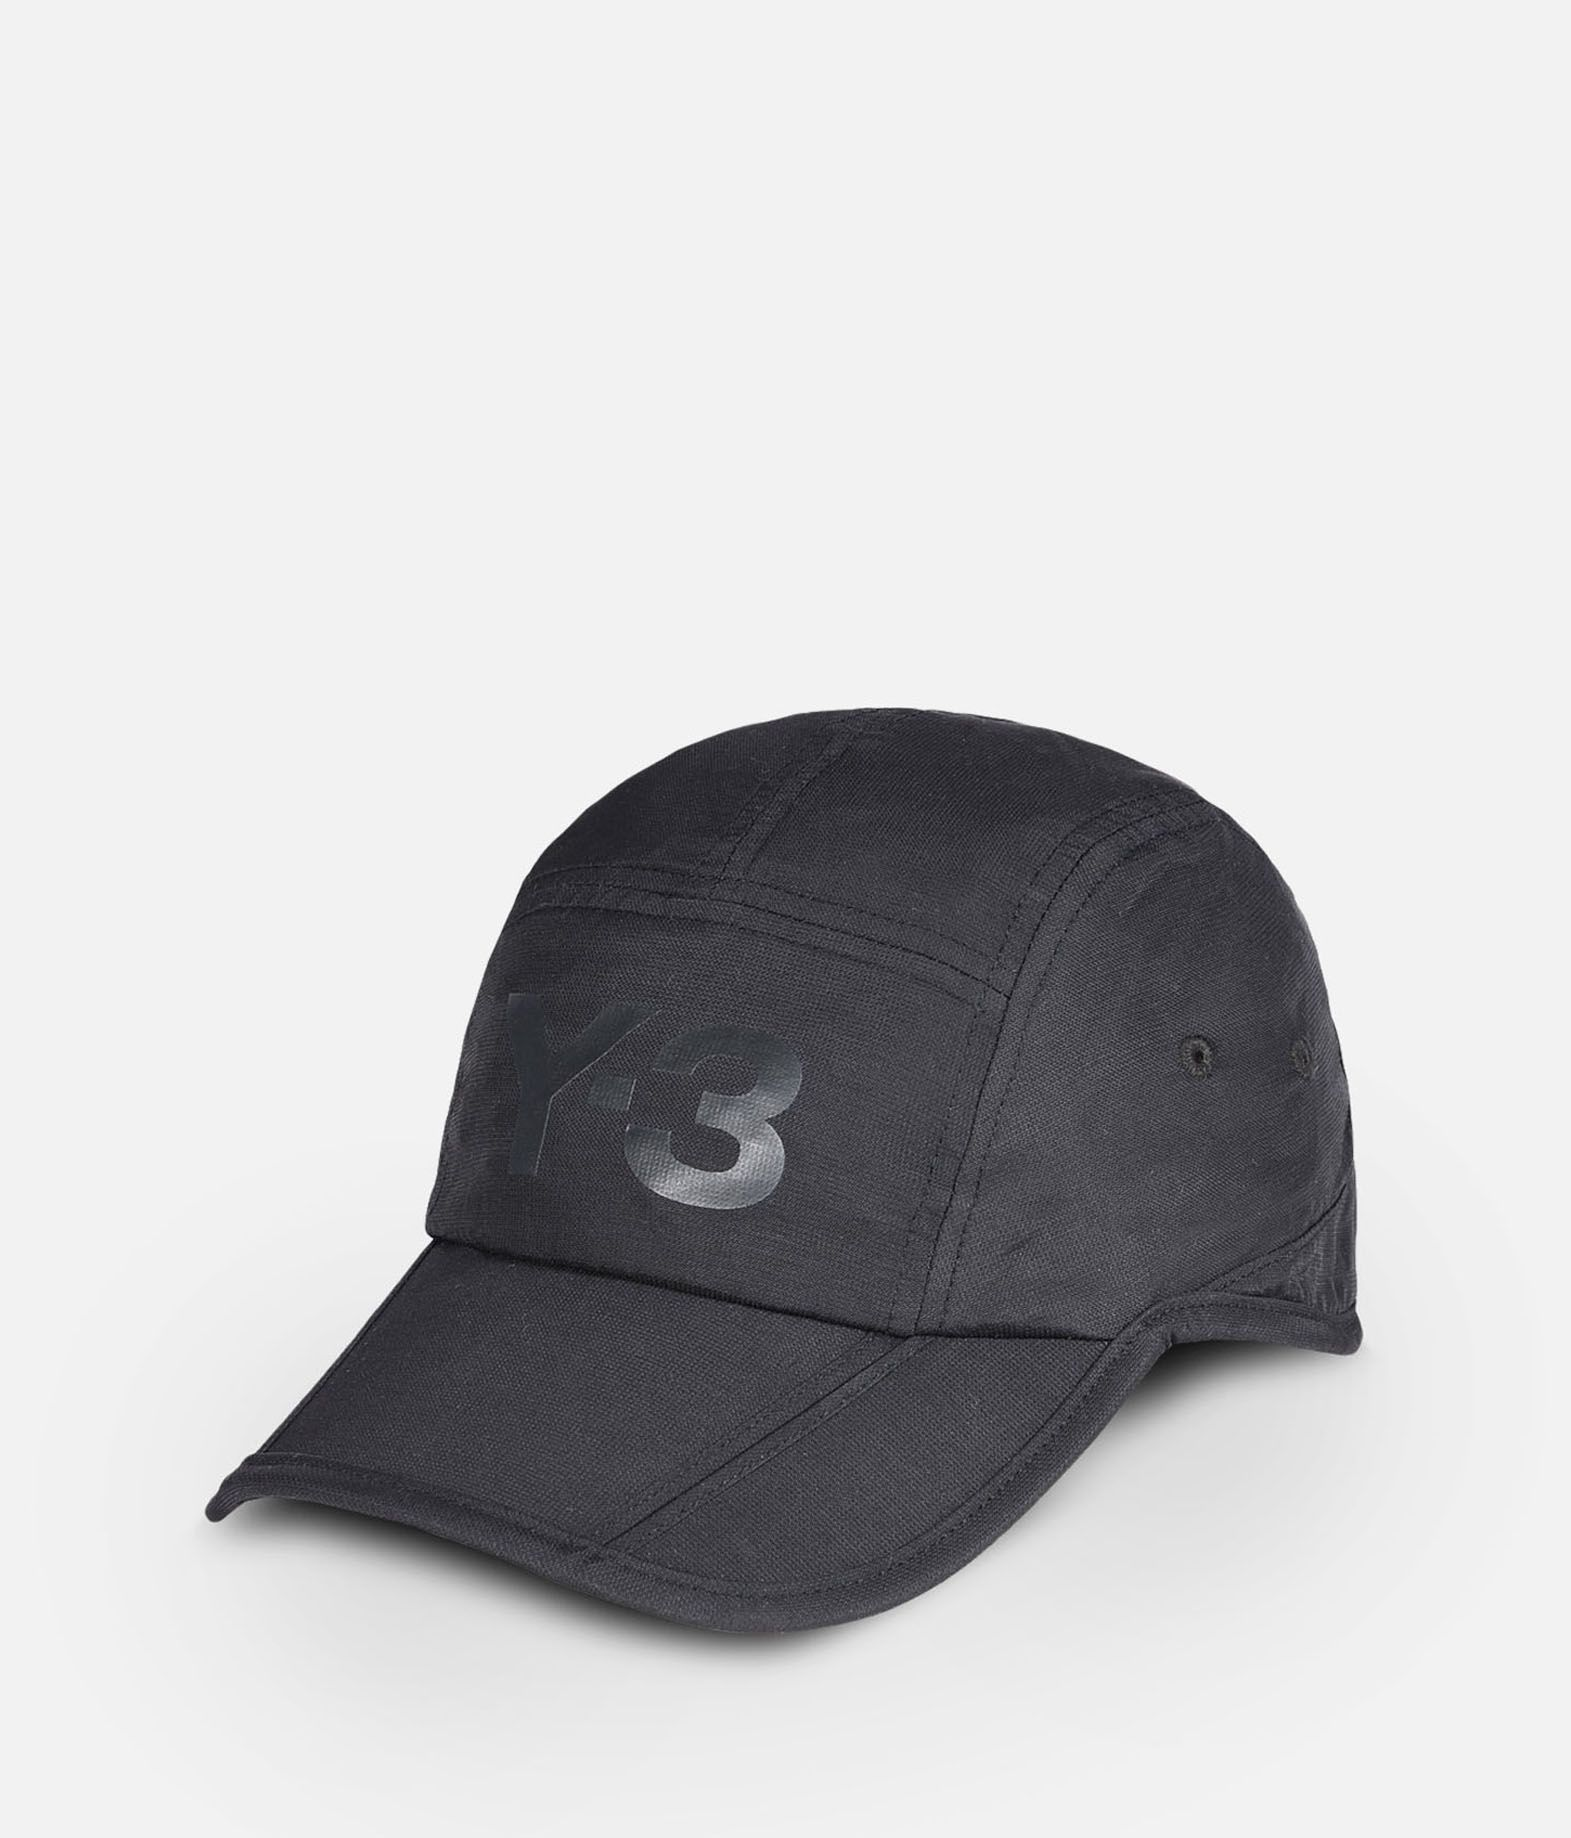 cff419b6d58 ... Y-3 Y-3 FOLDABLE CAP Cap E f ...